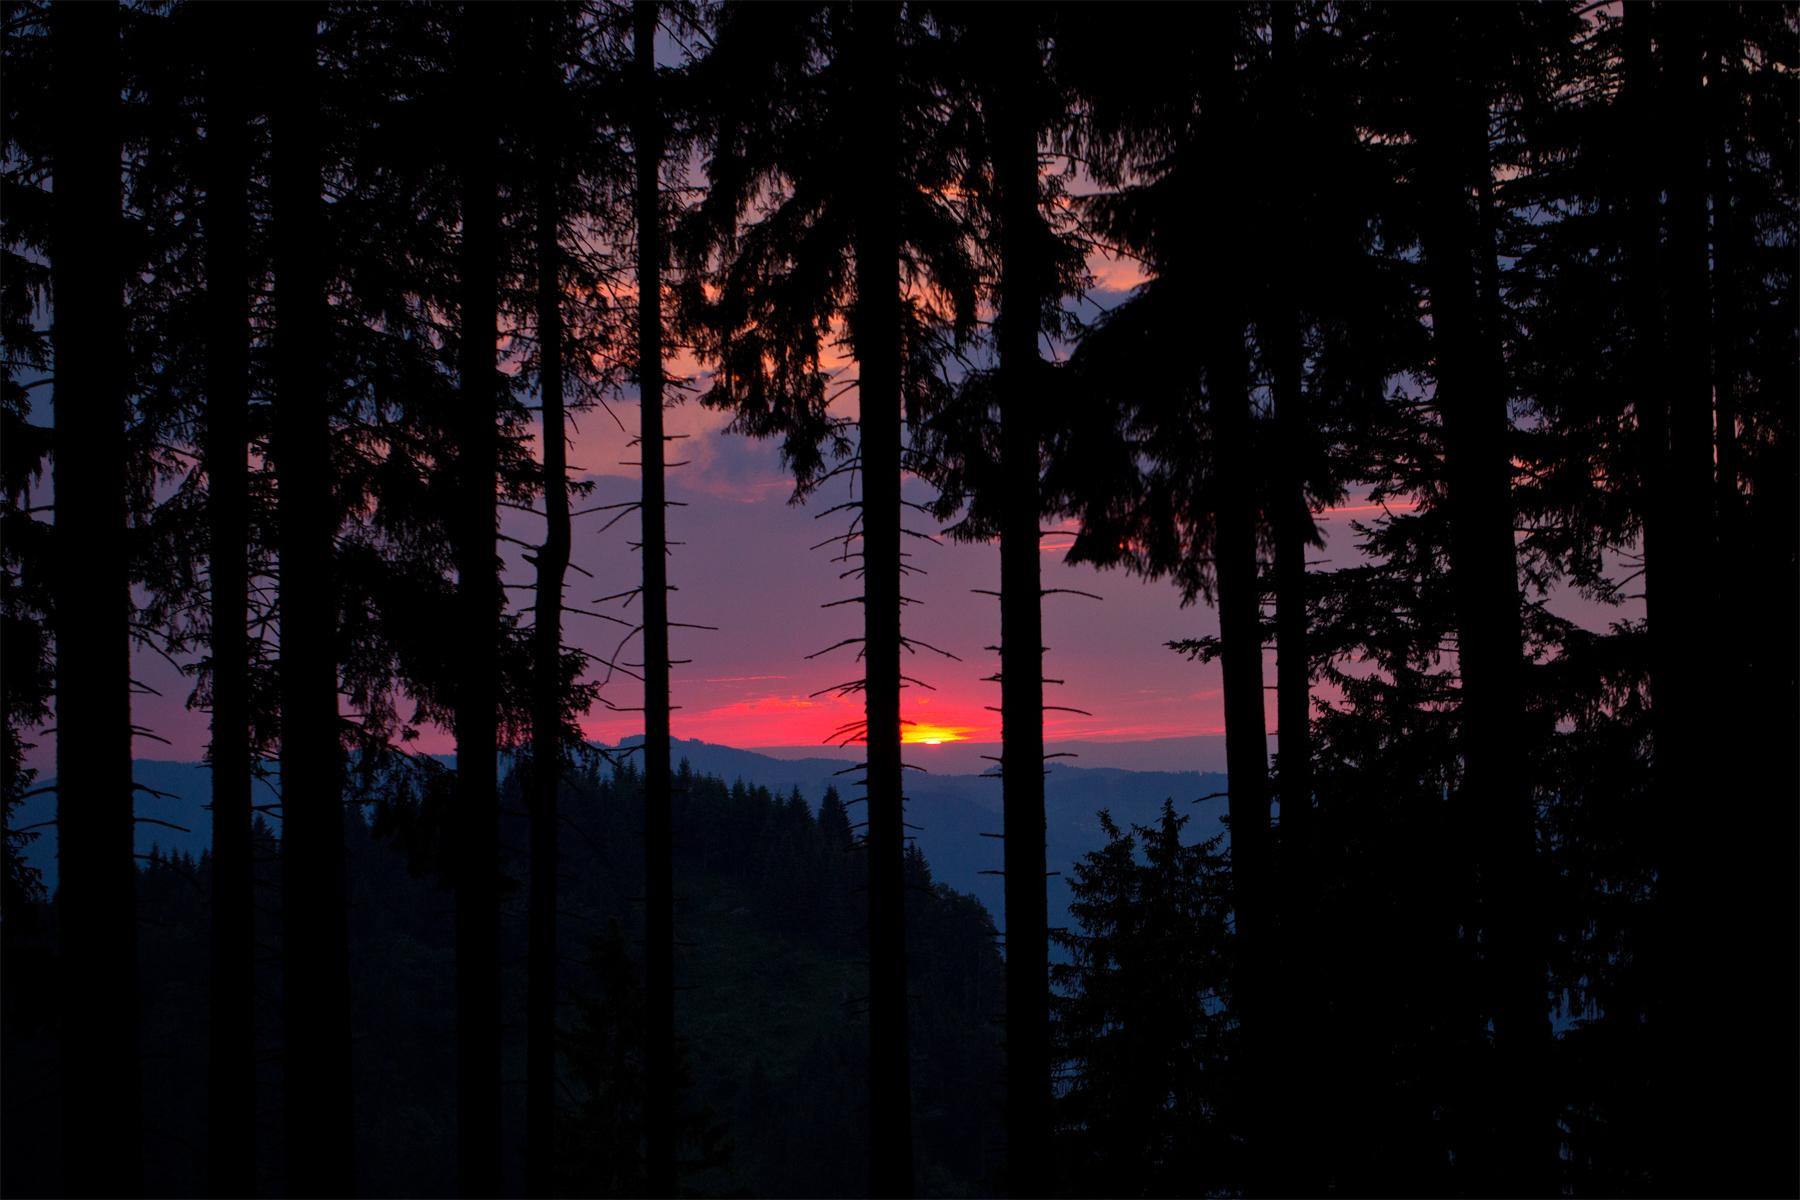 Untergehende Sonne im Wald